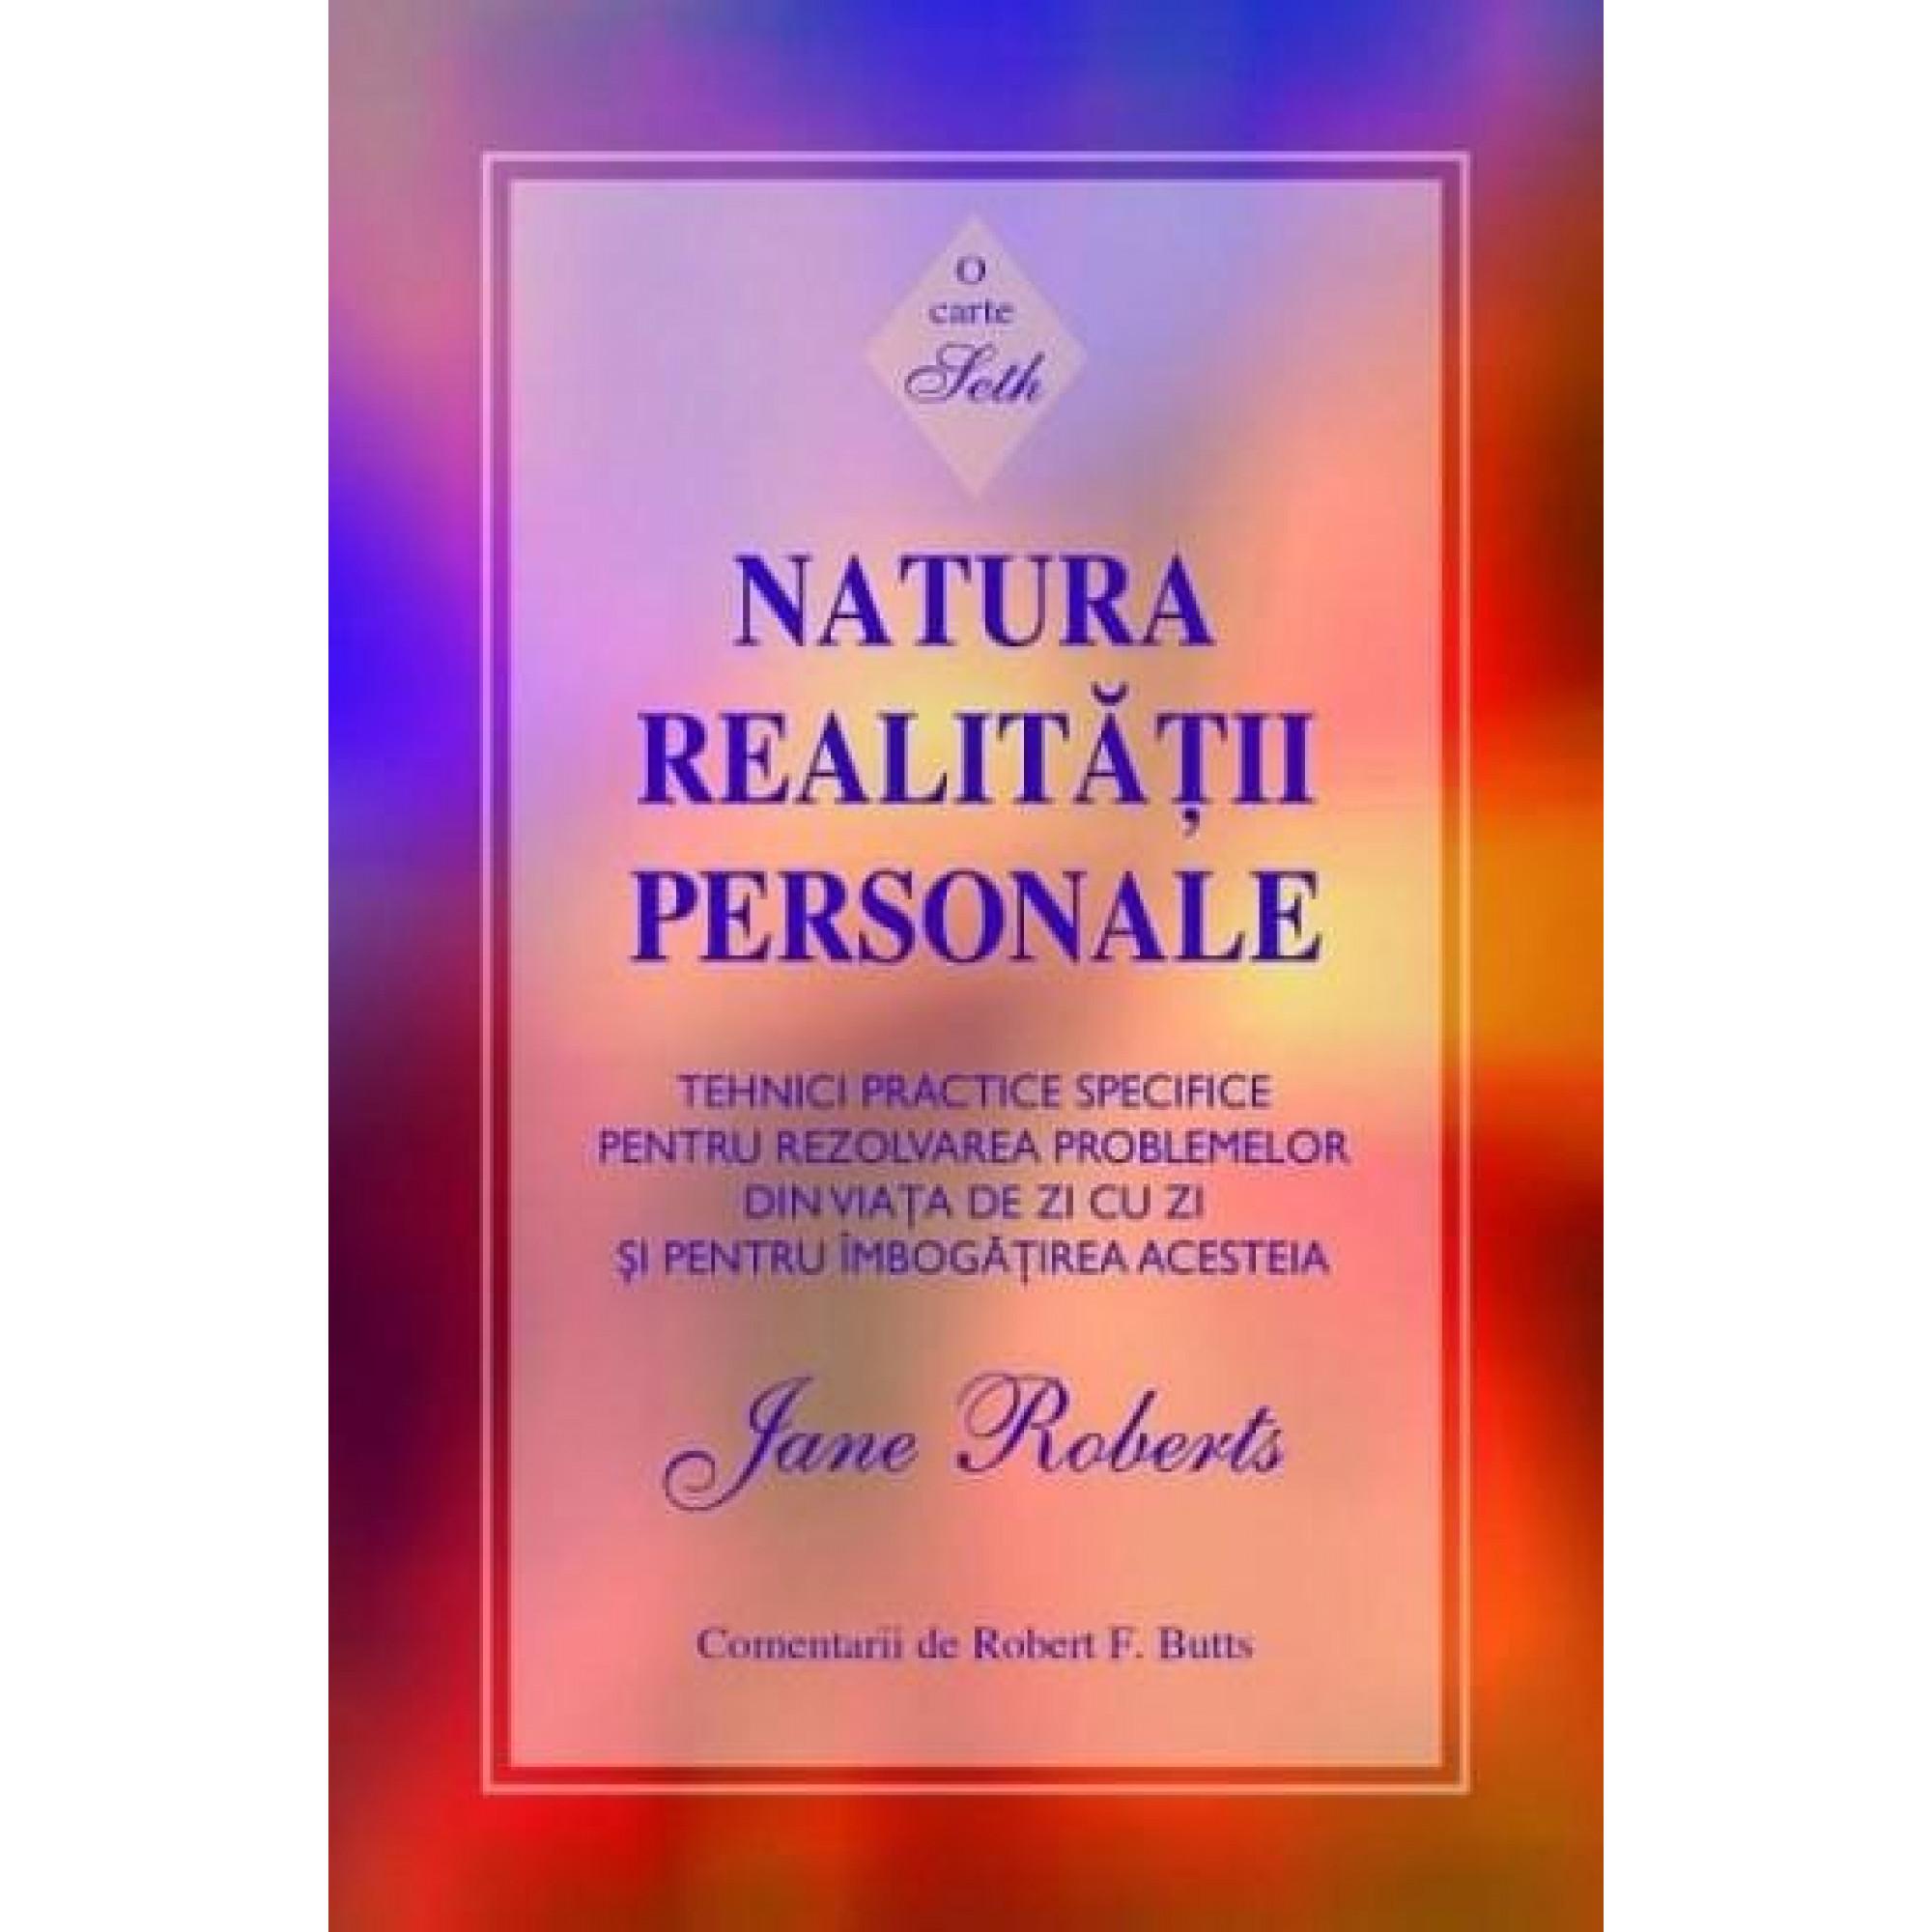 Natura realităţii personale. O carte Seth